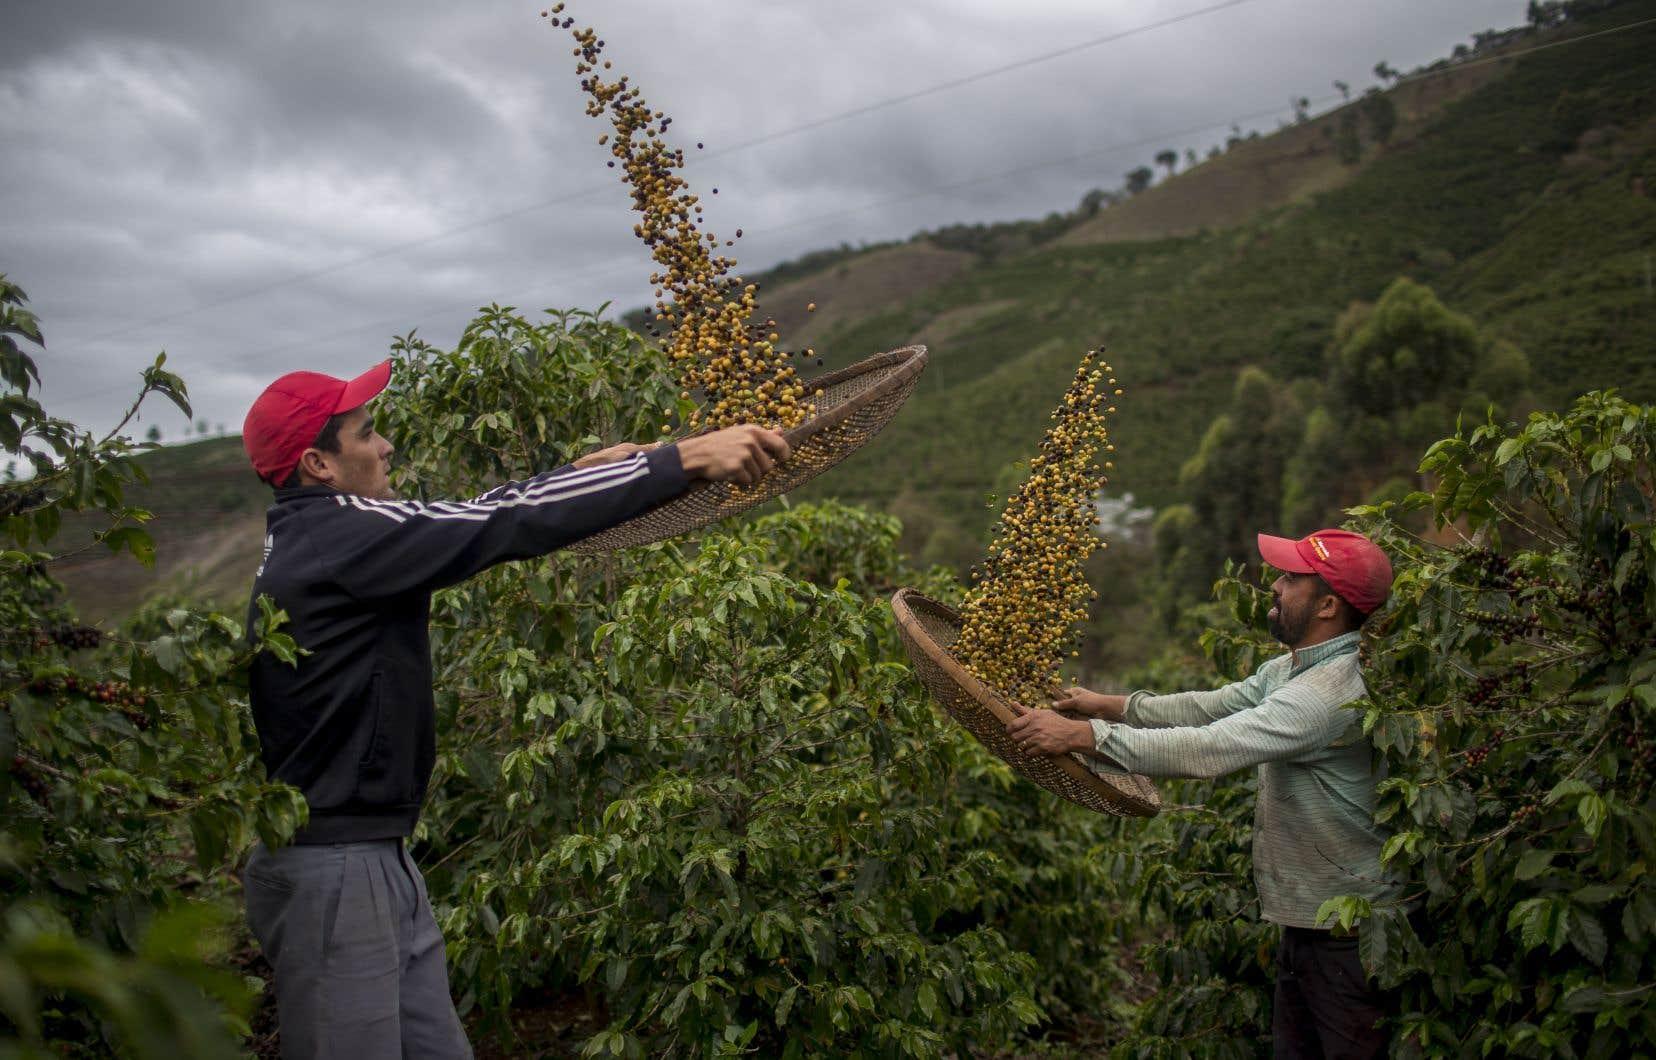 Premier producteur et exportateur mondial de café, le Brésil n'est pas épargné par le réchauffement climatique.